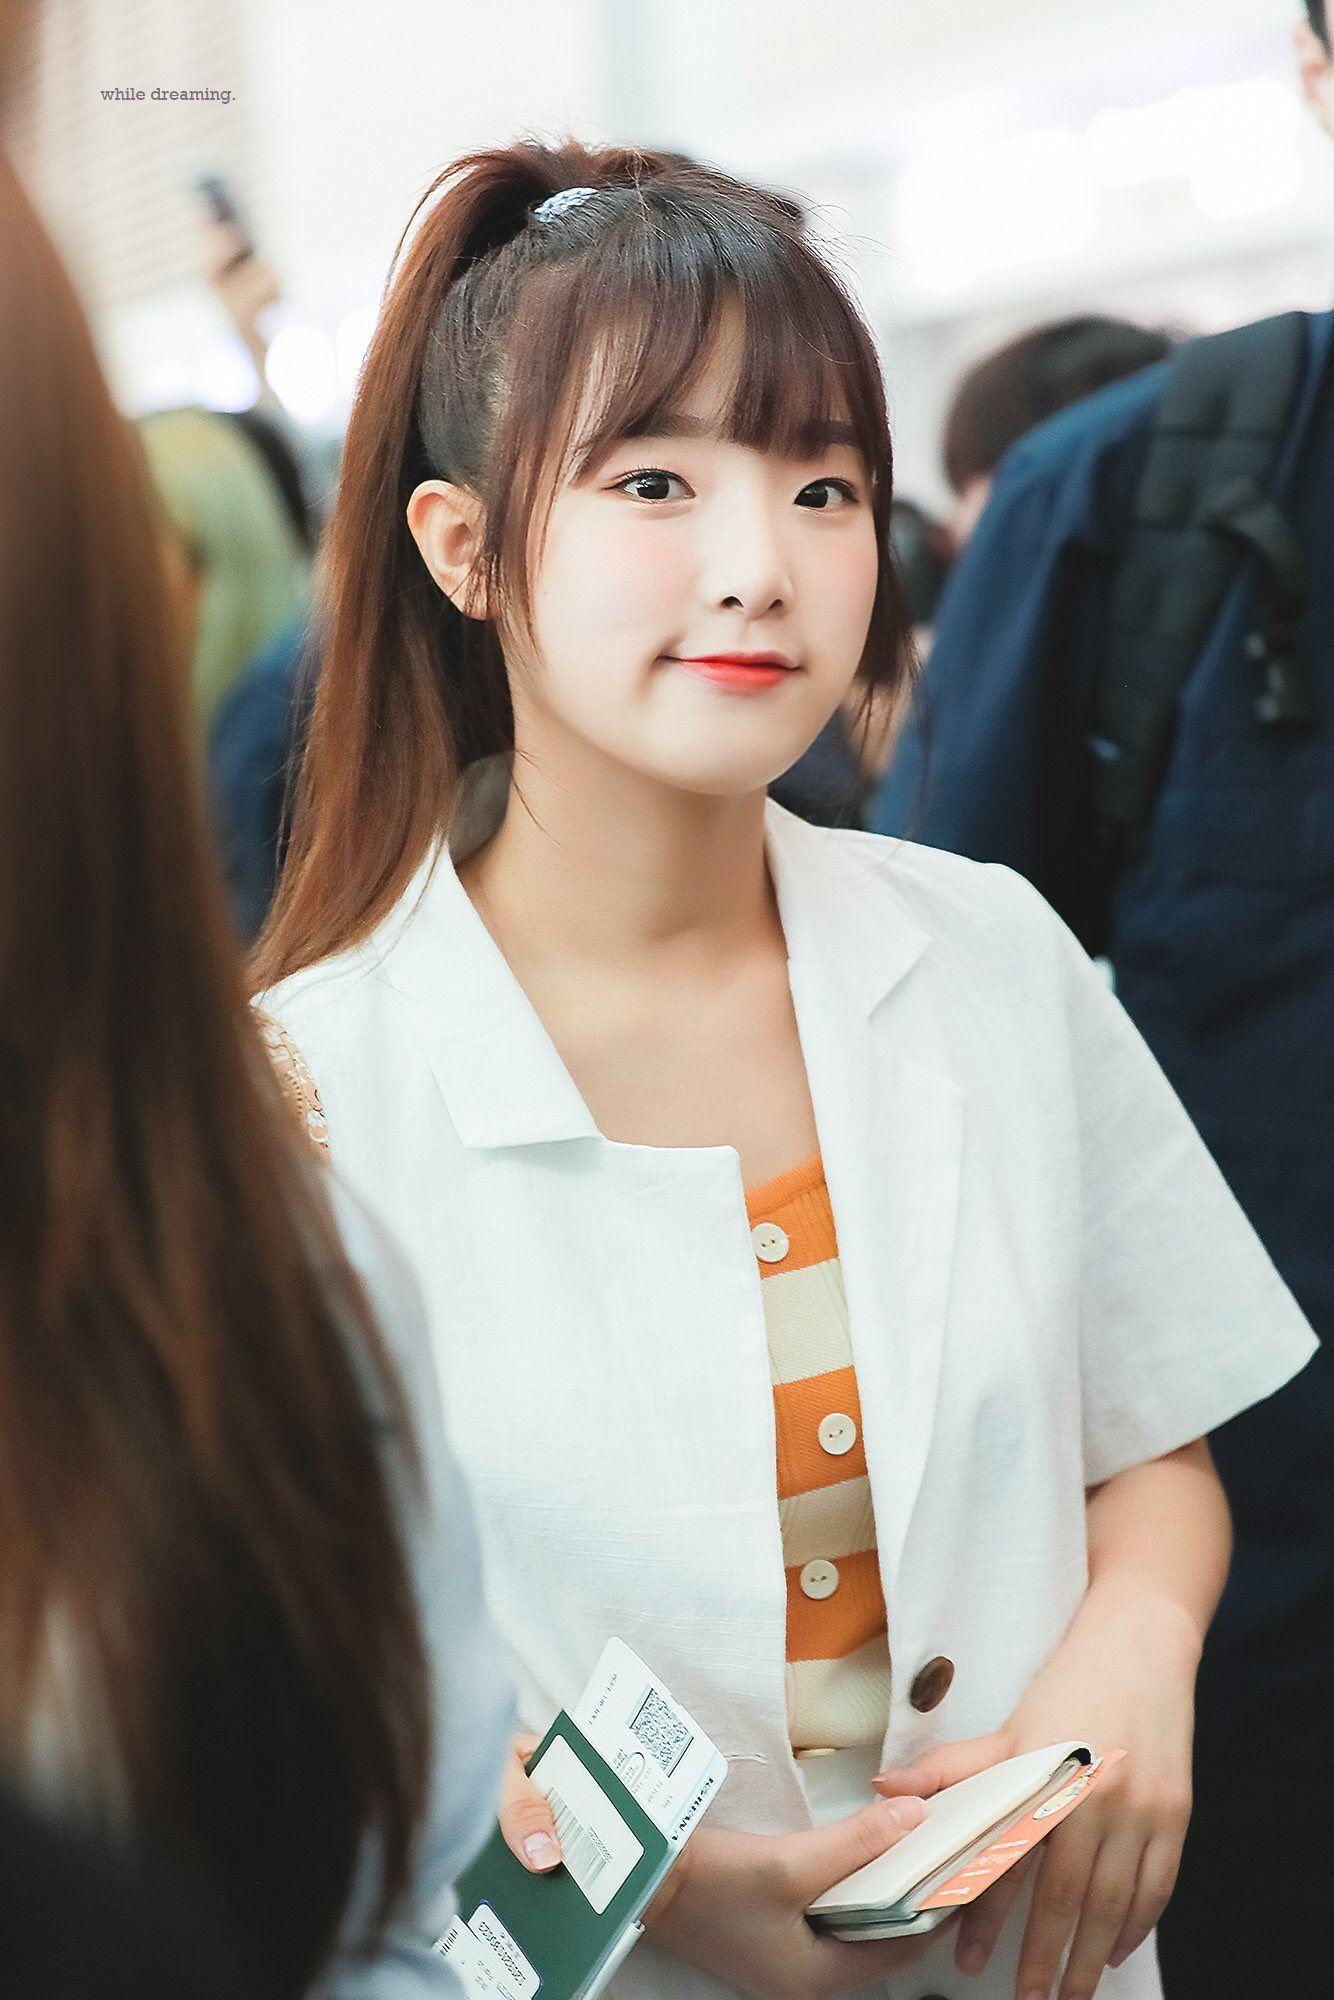 Pin By Name Surname On K Pop Idol Kpop Girls Korean Girl Fashion Korean Girl Groups